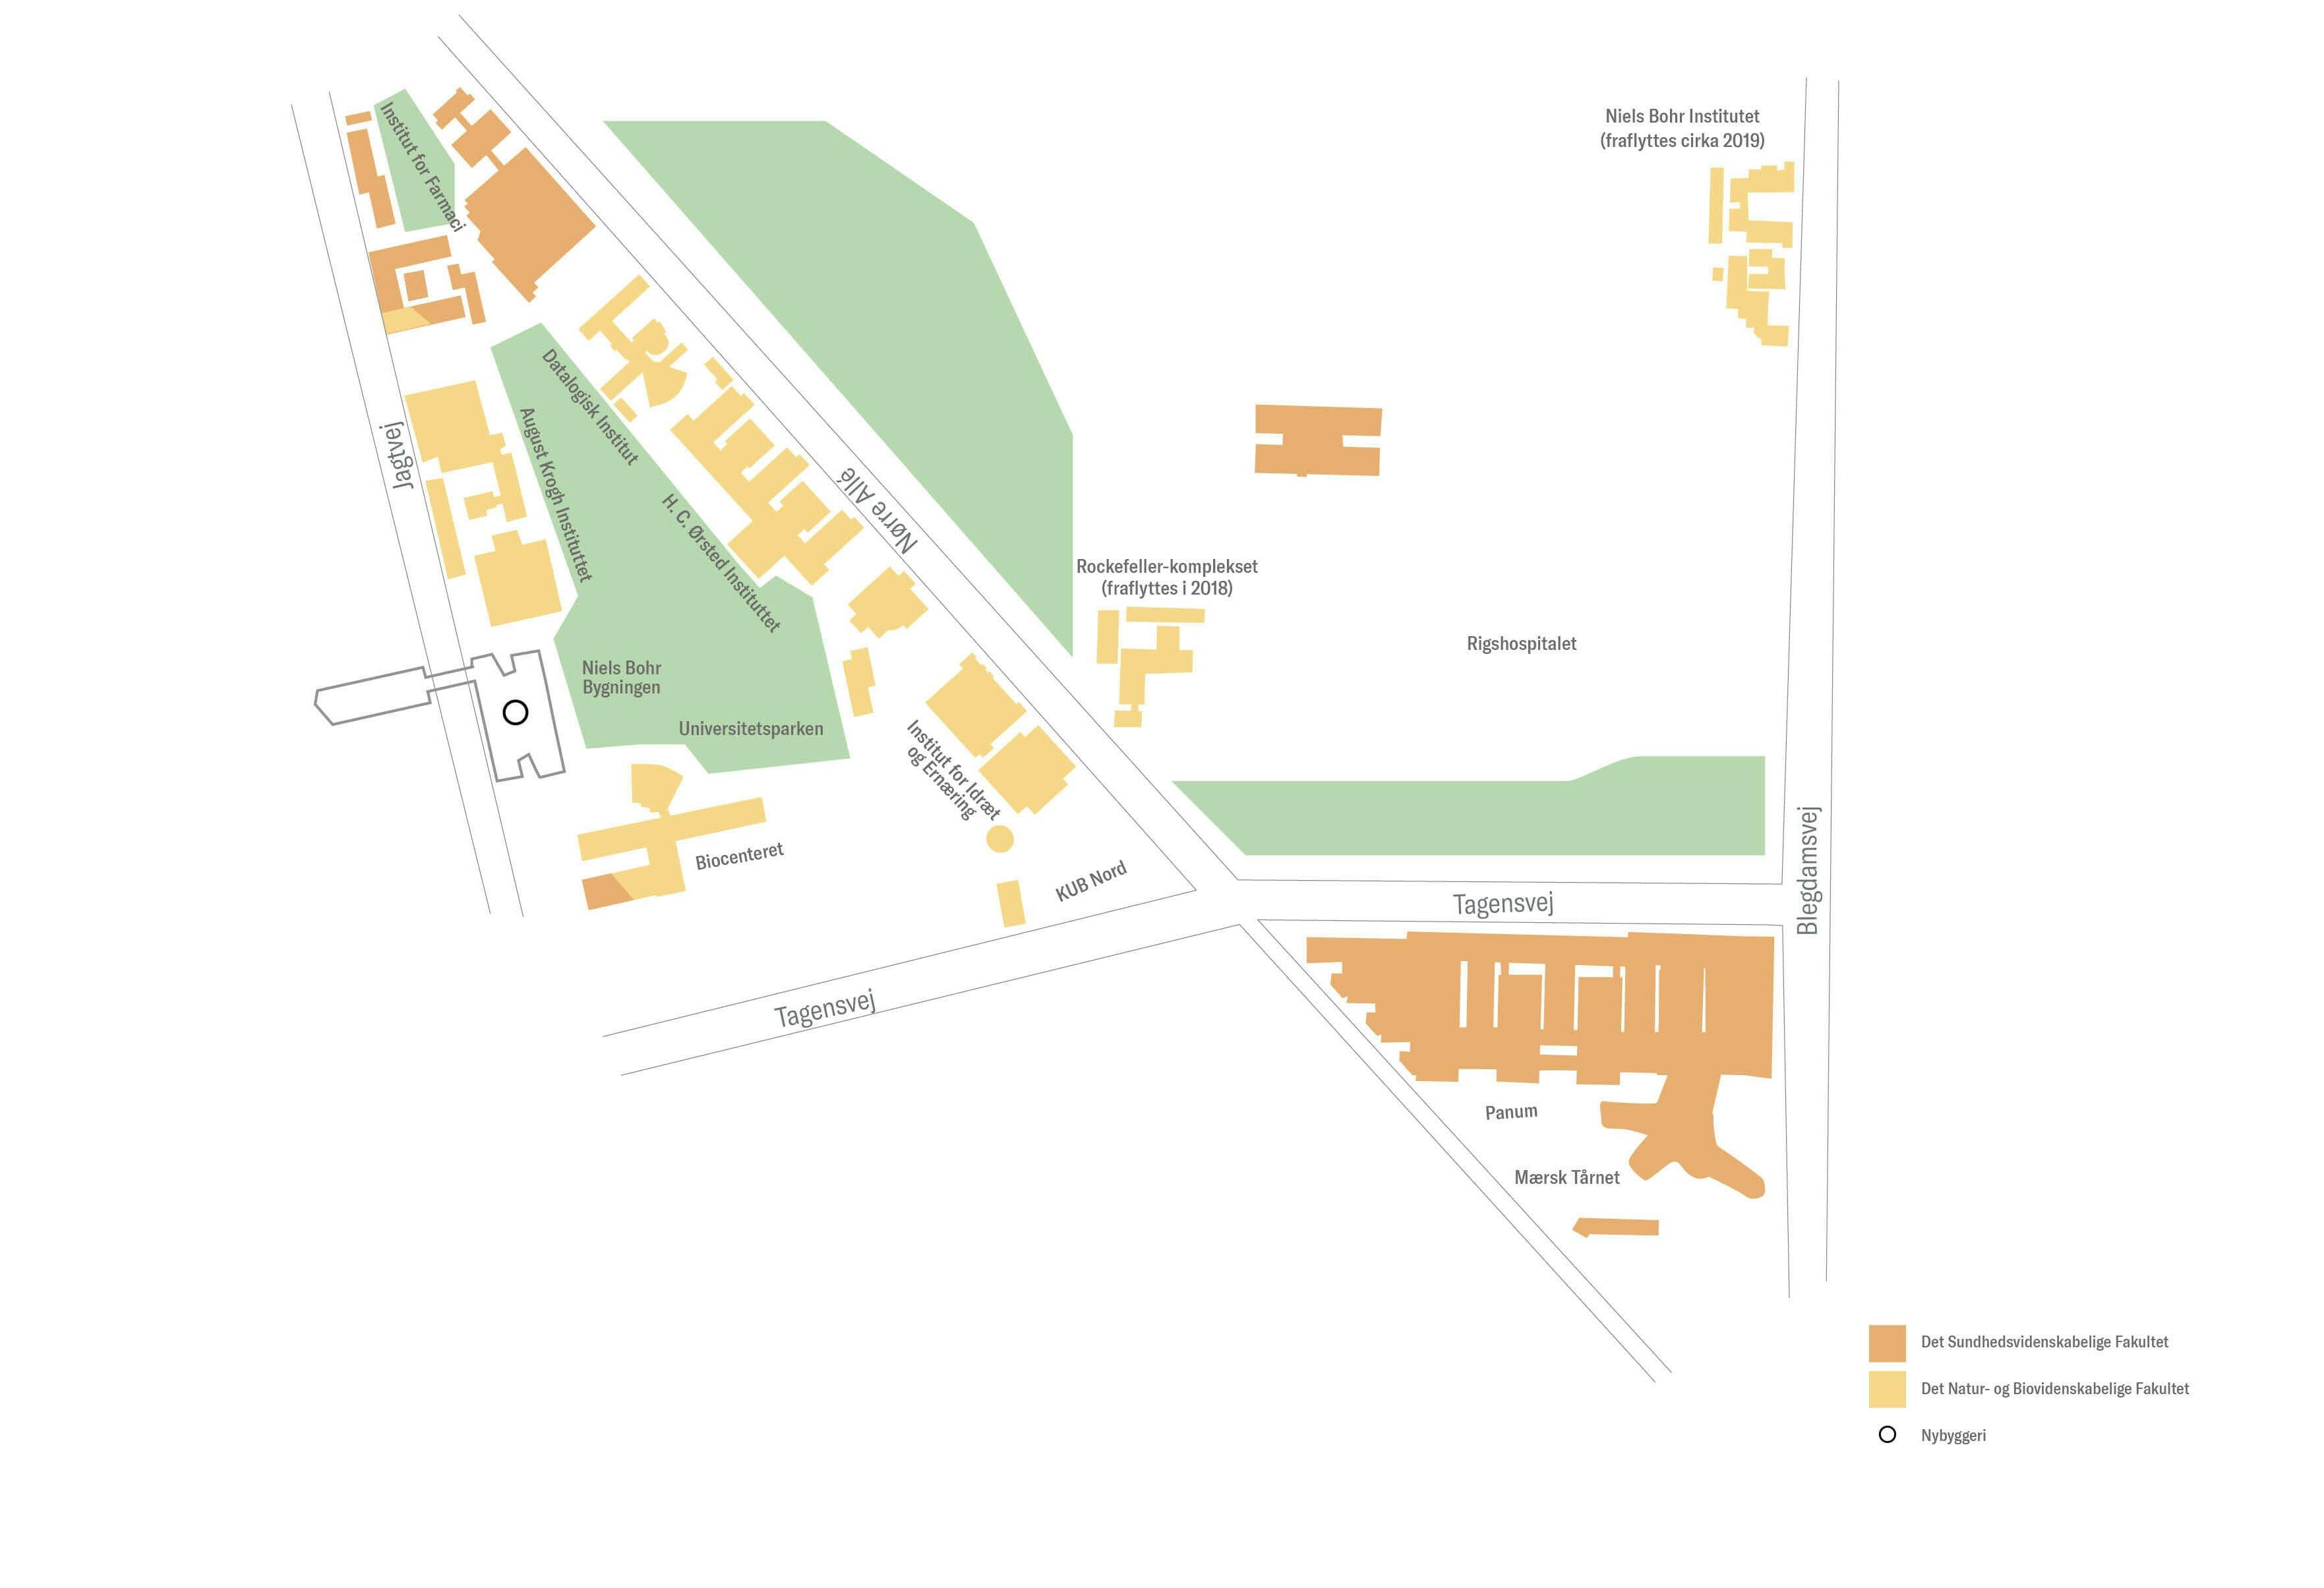 Den Store Guide Til Norre Campus